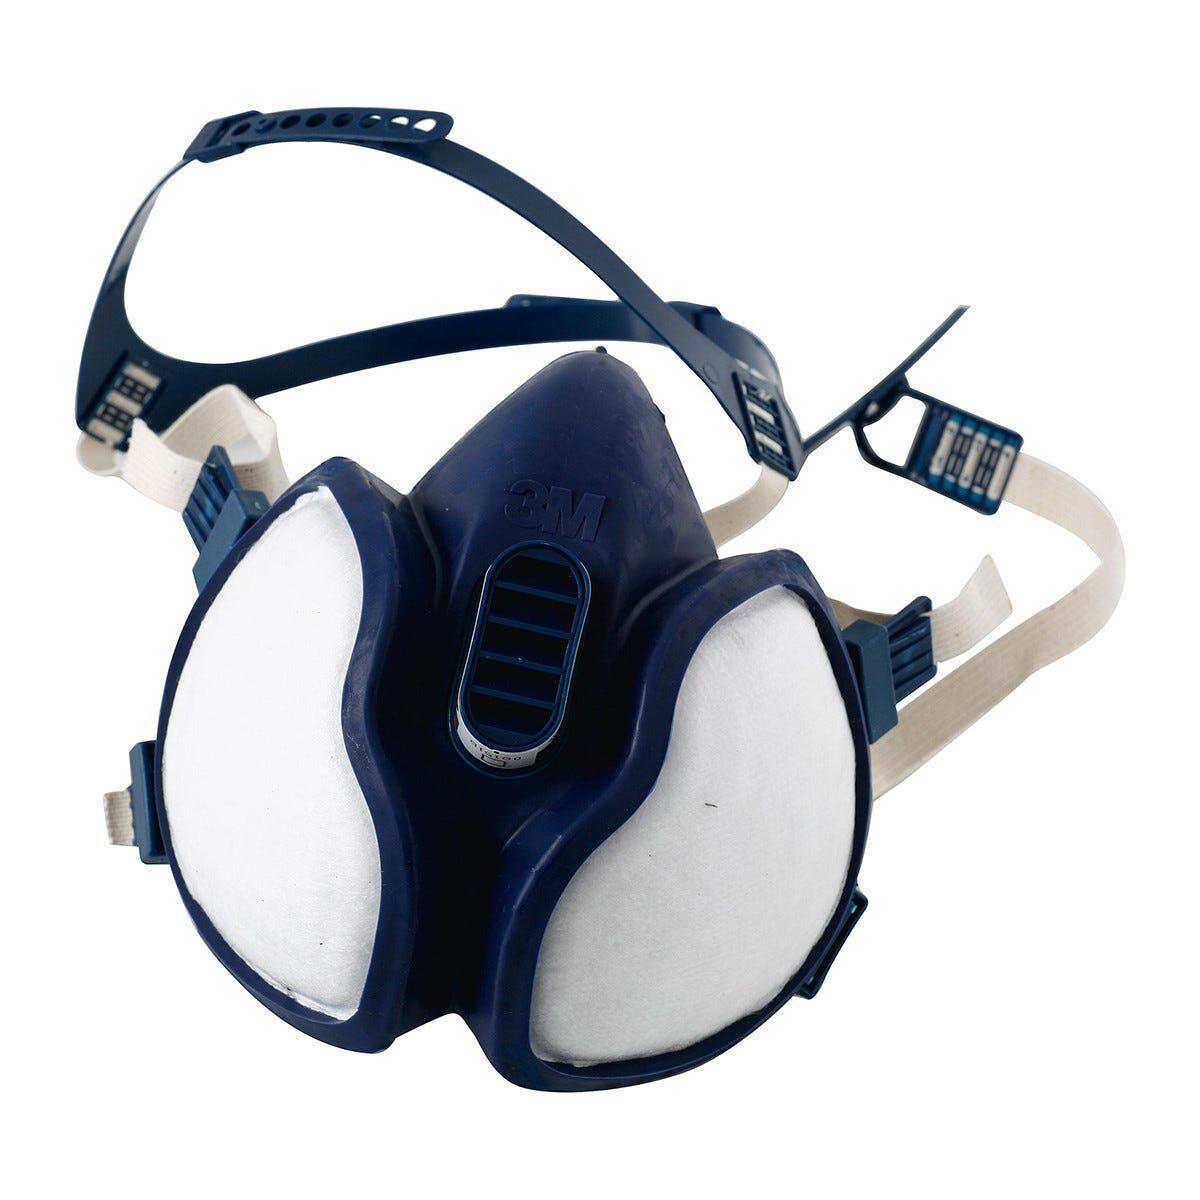 3m semimaschera facciale  4251 con filtri a1p2 usa e getta verniciatura a spruzzo